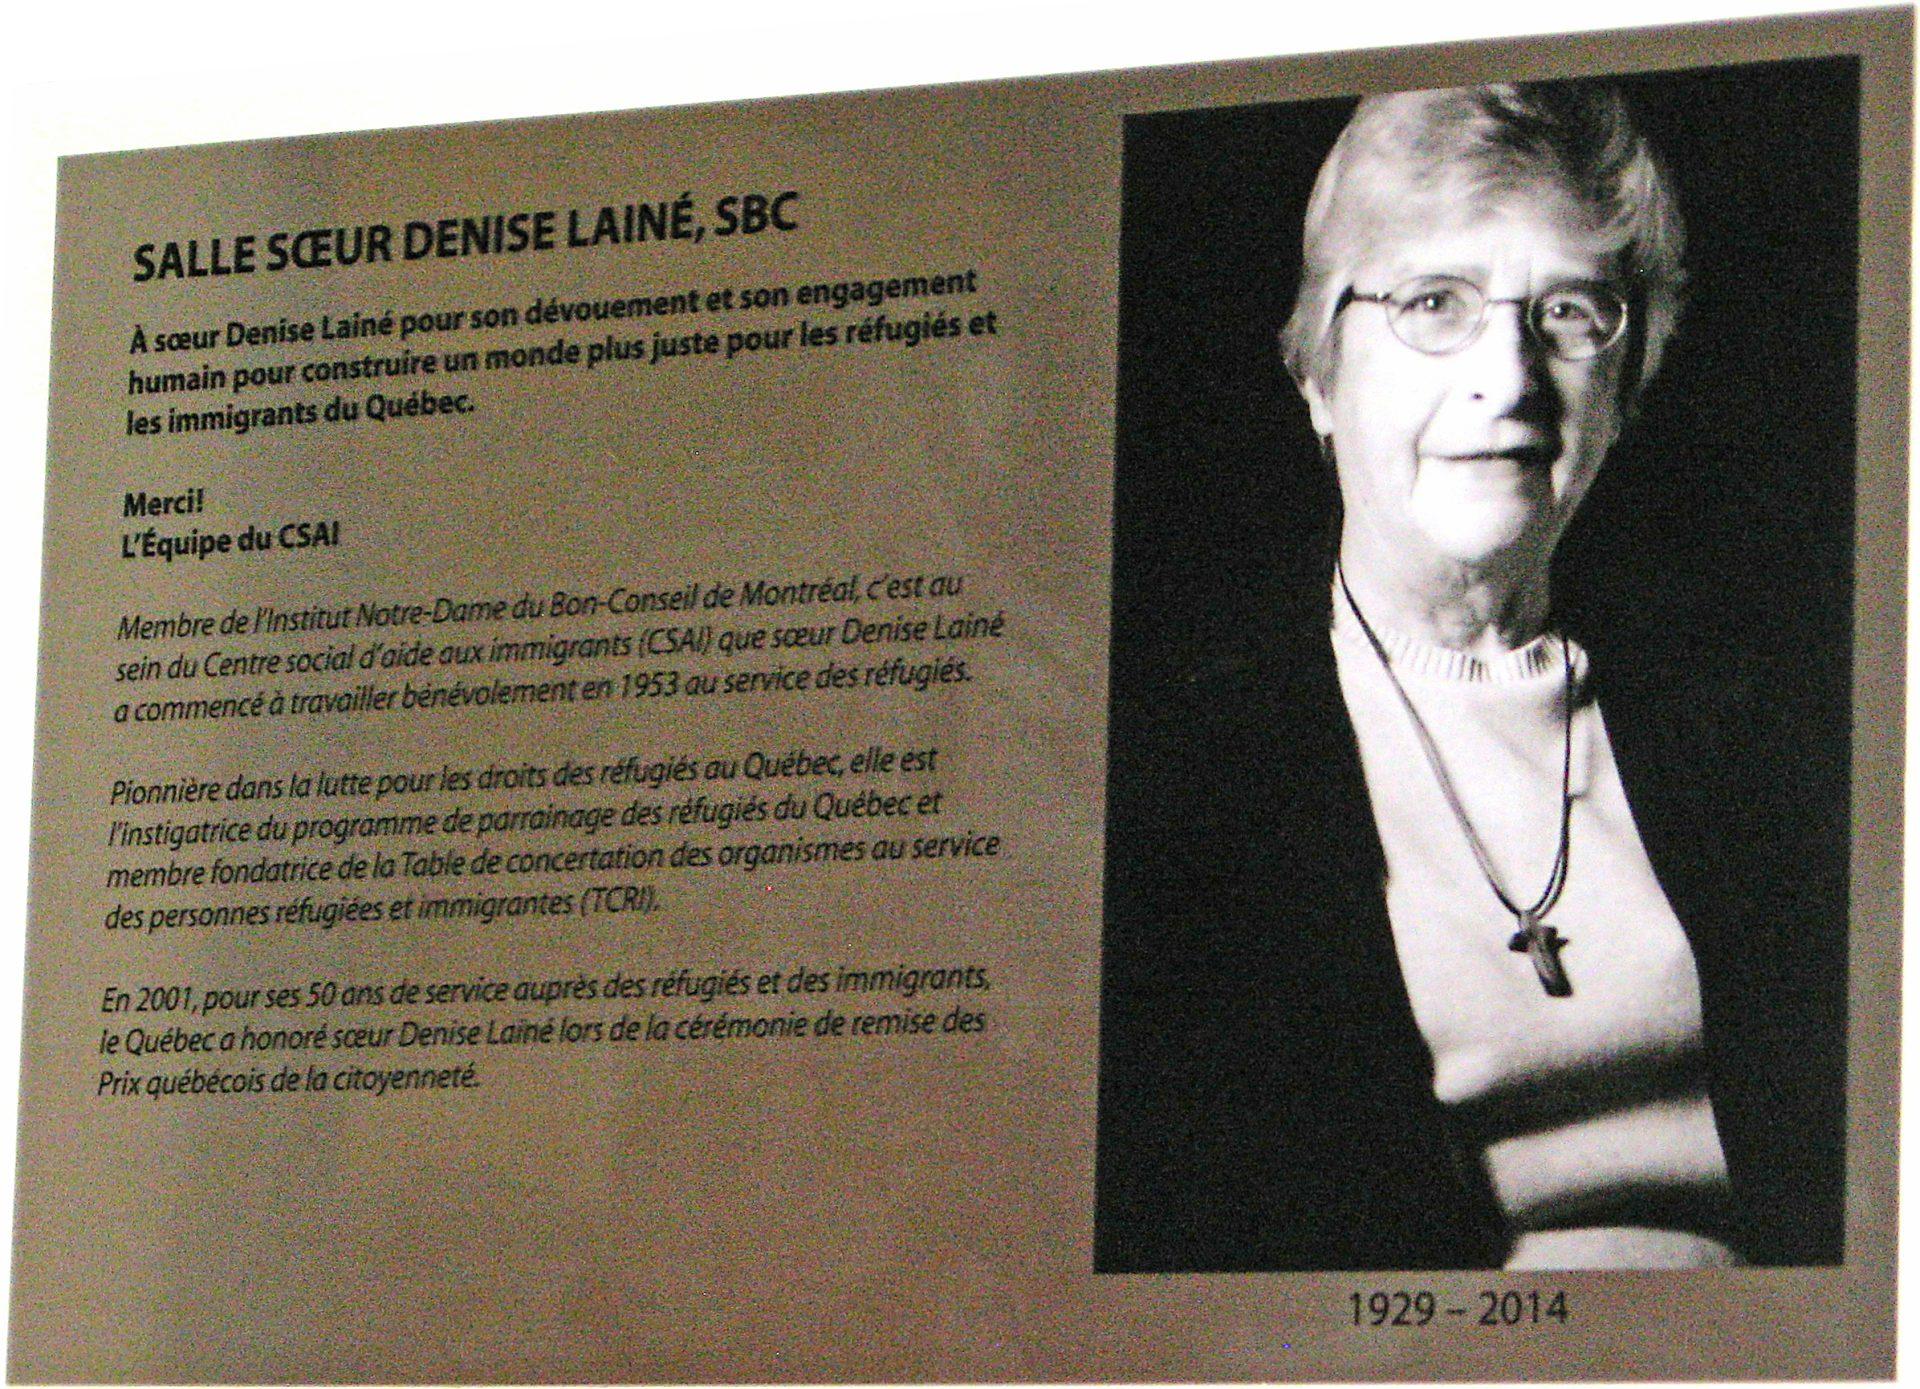 Plaque murale à la mémoire de Denise Lainé, SBC dans une des salles du CSAI dédicacée à son nom.